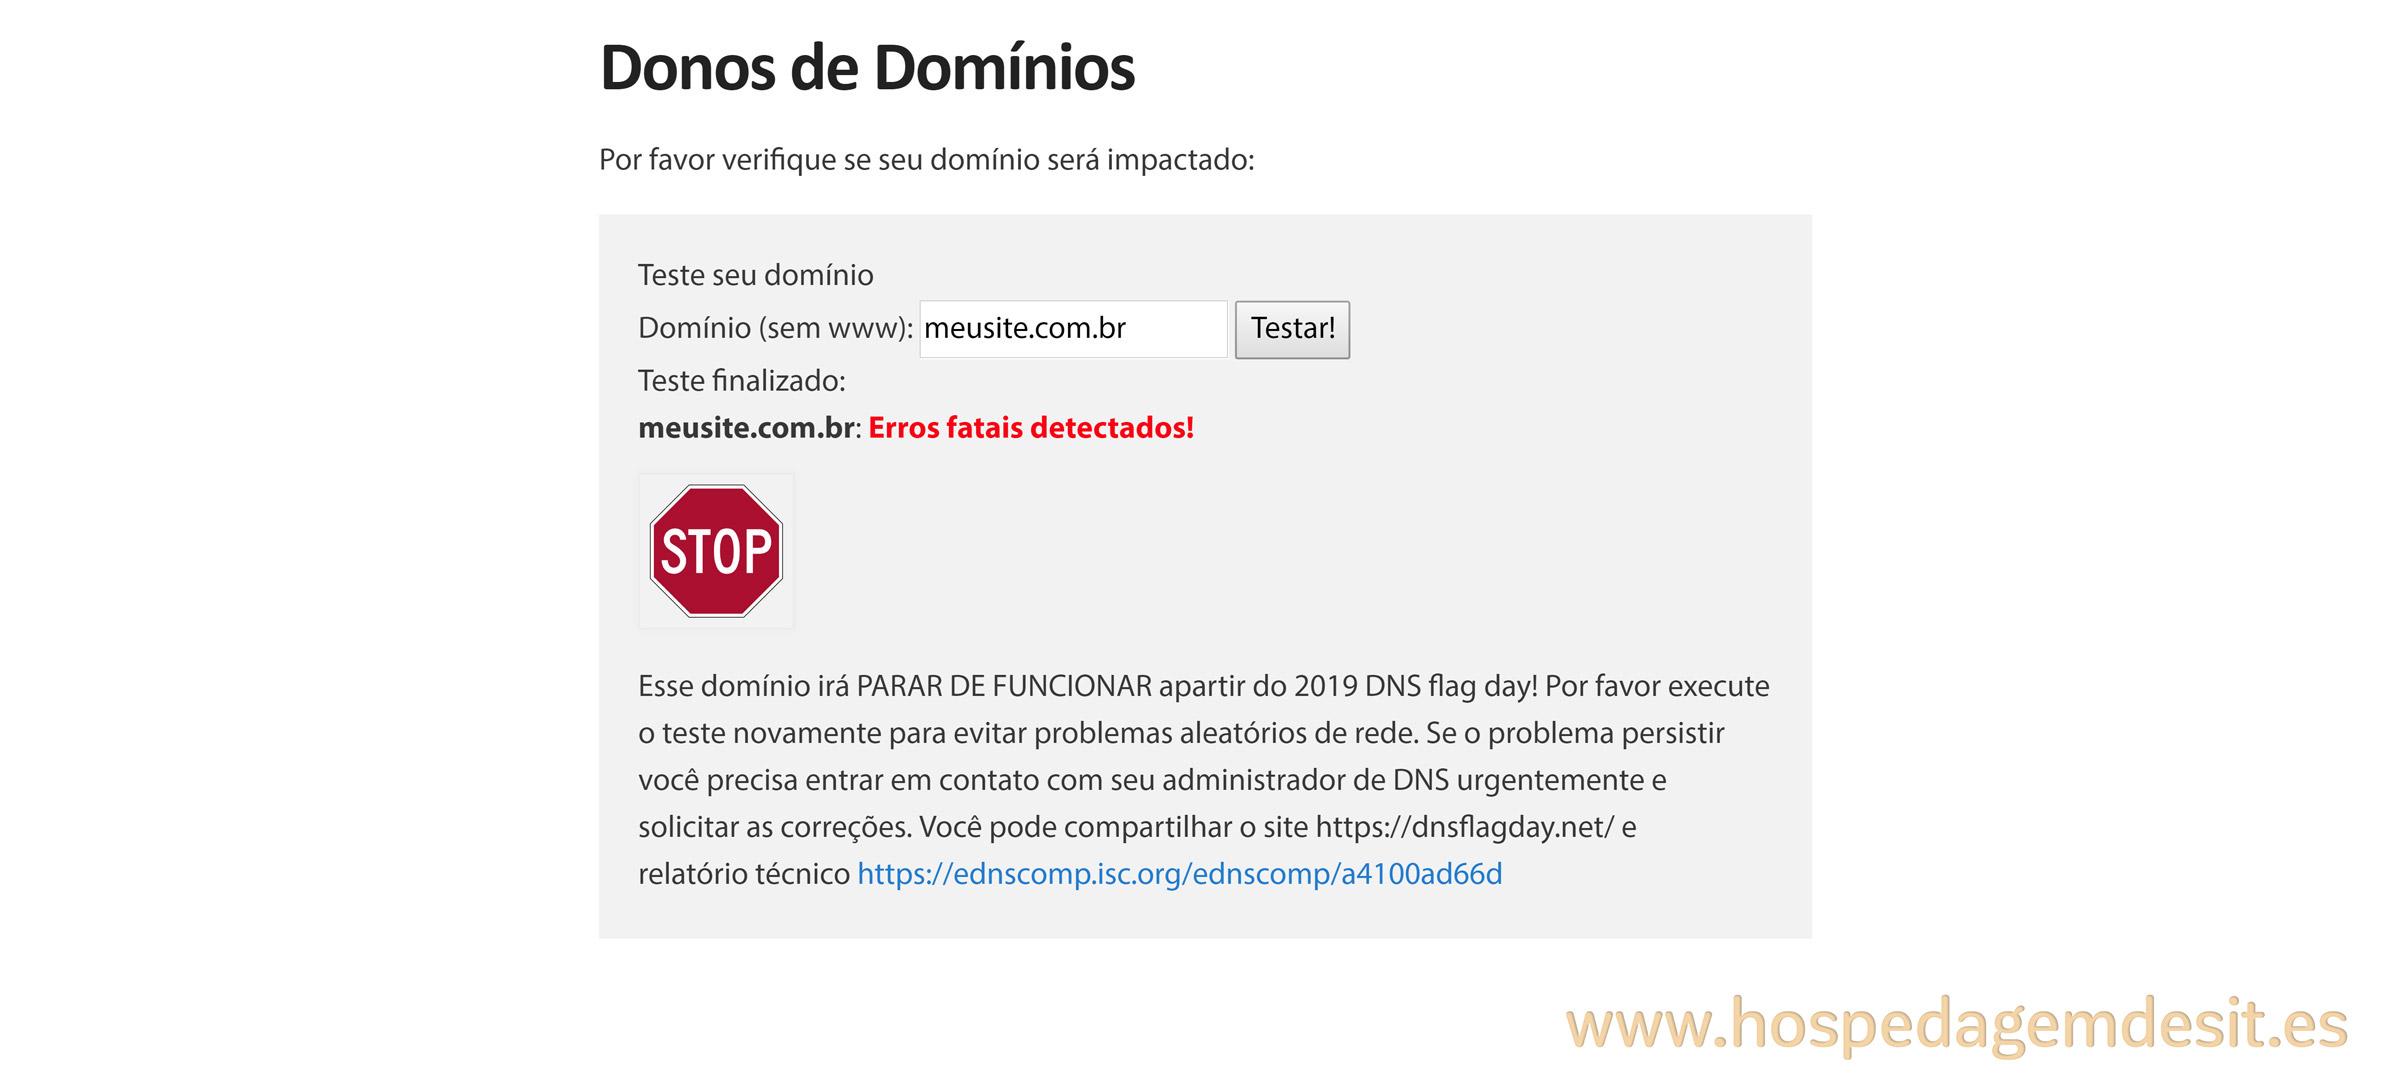 dnsflagday dominio que pode deixar de funcionar